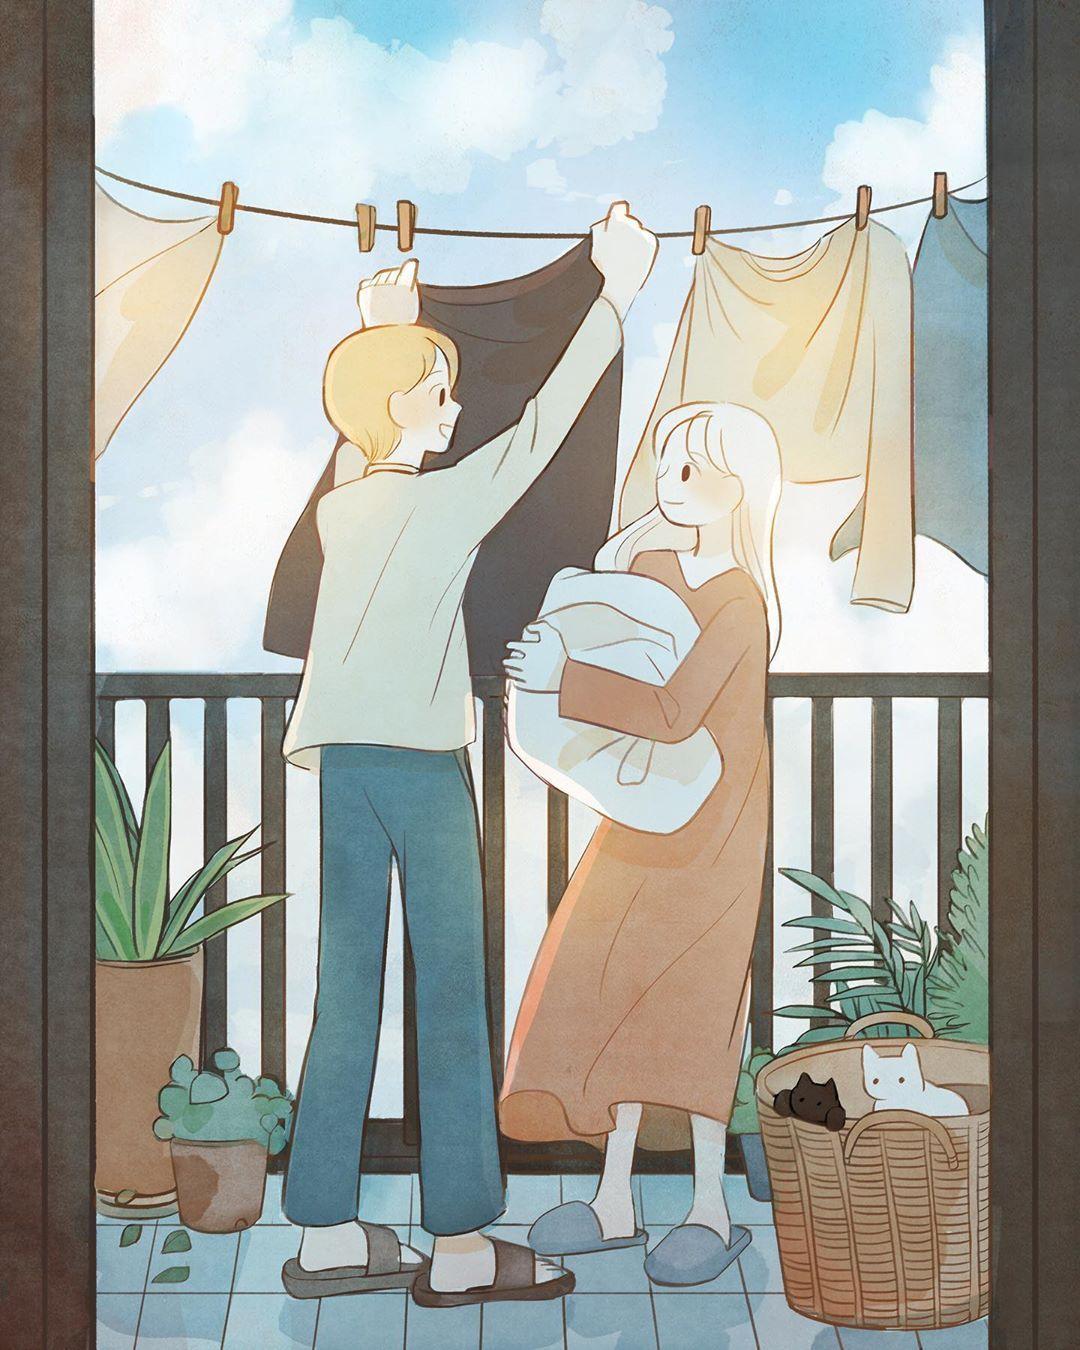 Ilustrasi Ini Gambarkan Kegiatan Sederhana yang Merekatkan Hubungan